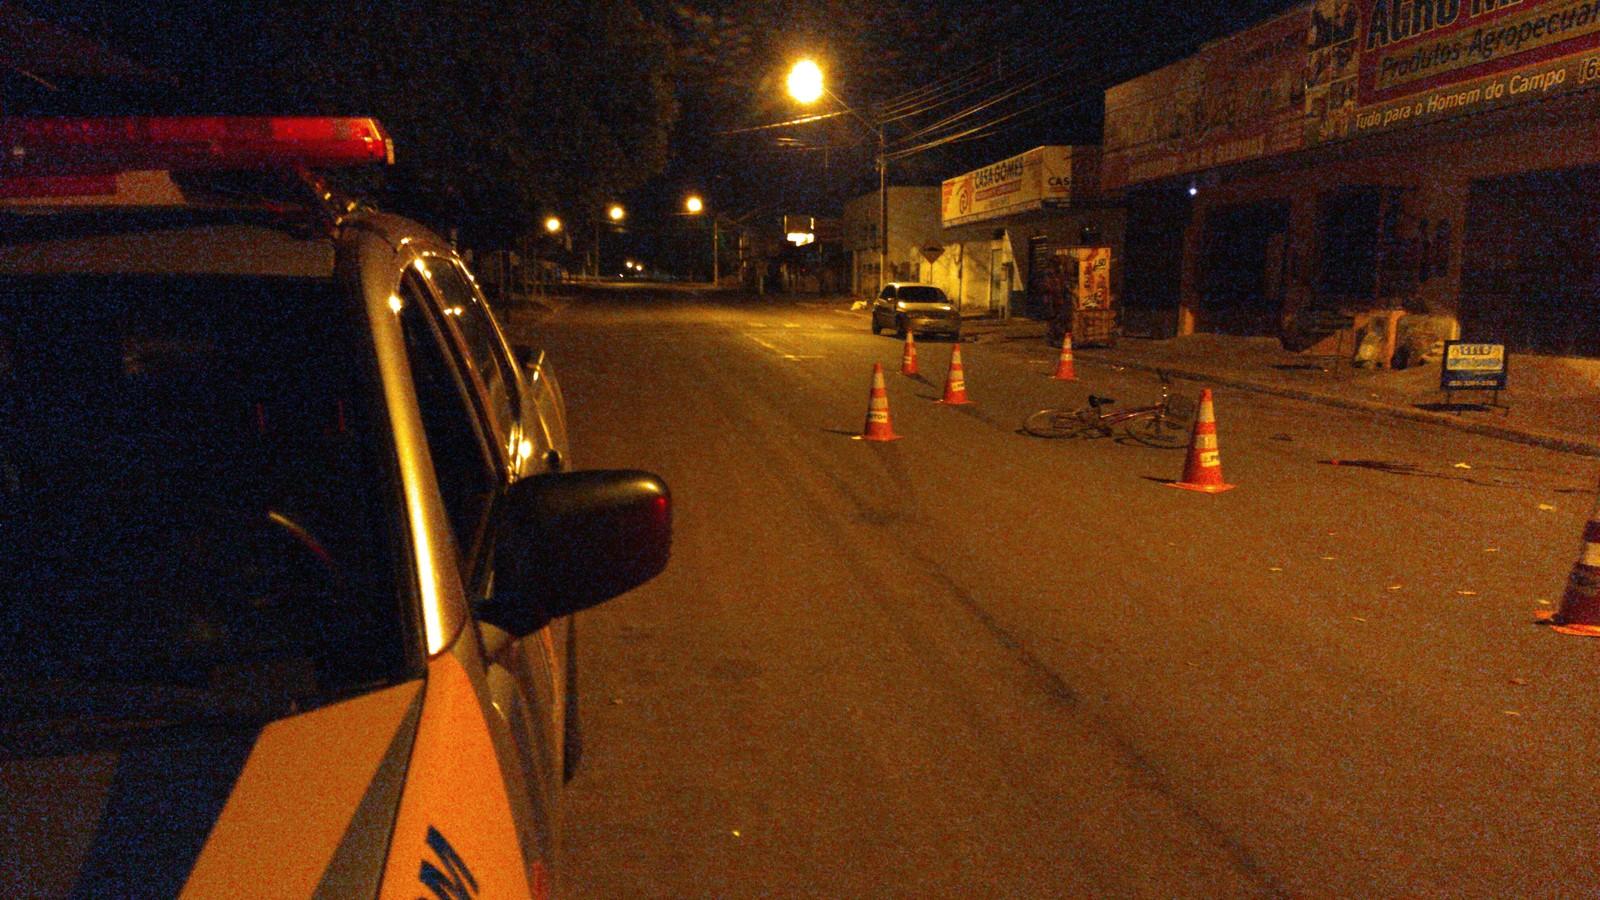 Gurupi tem noite violenta com quatro pessoas feridas após tentativas de homicídio